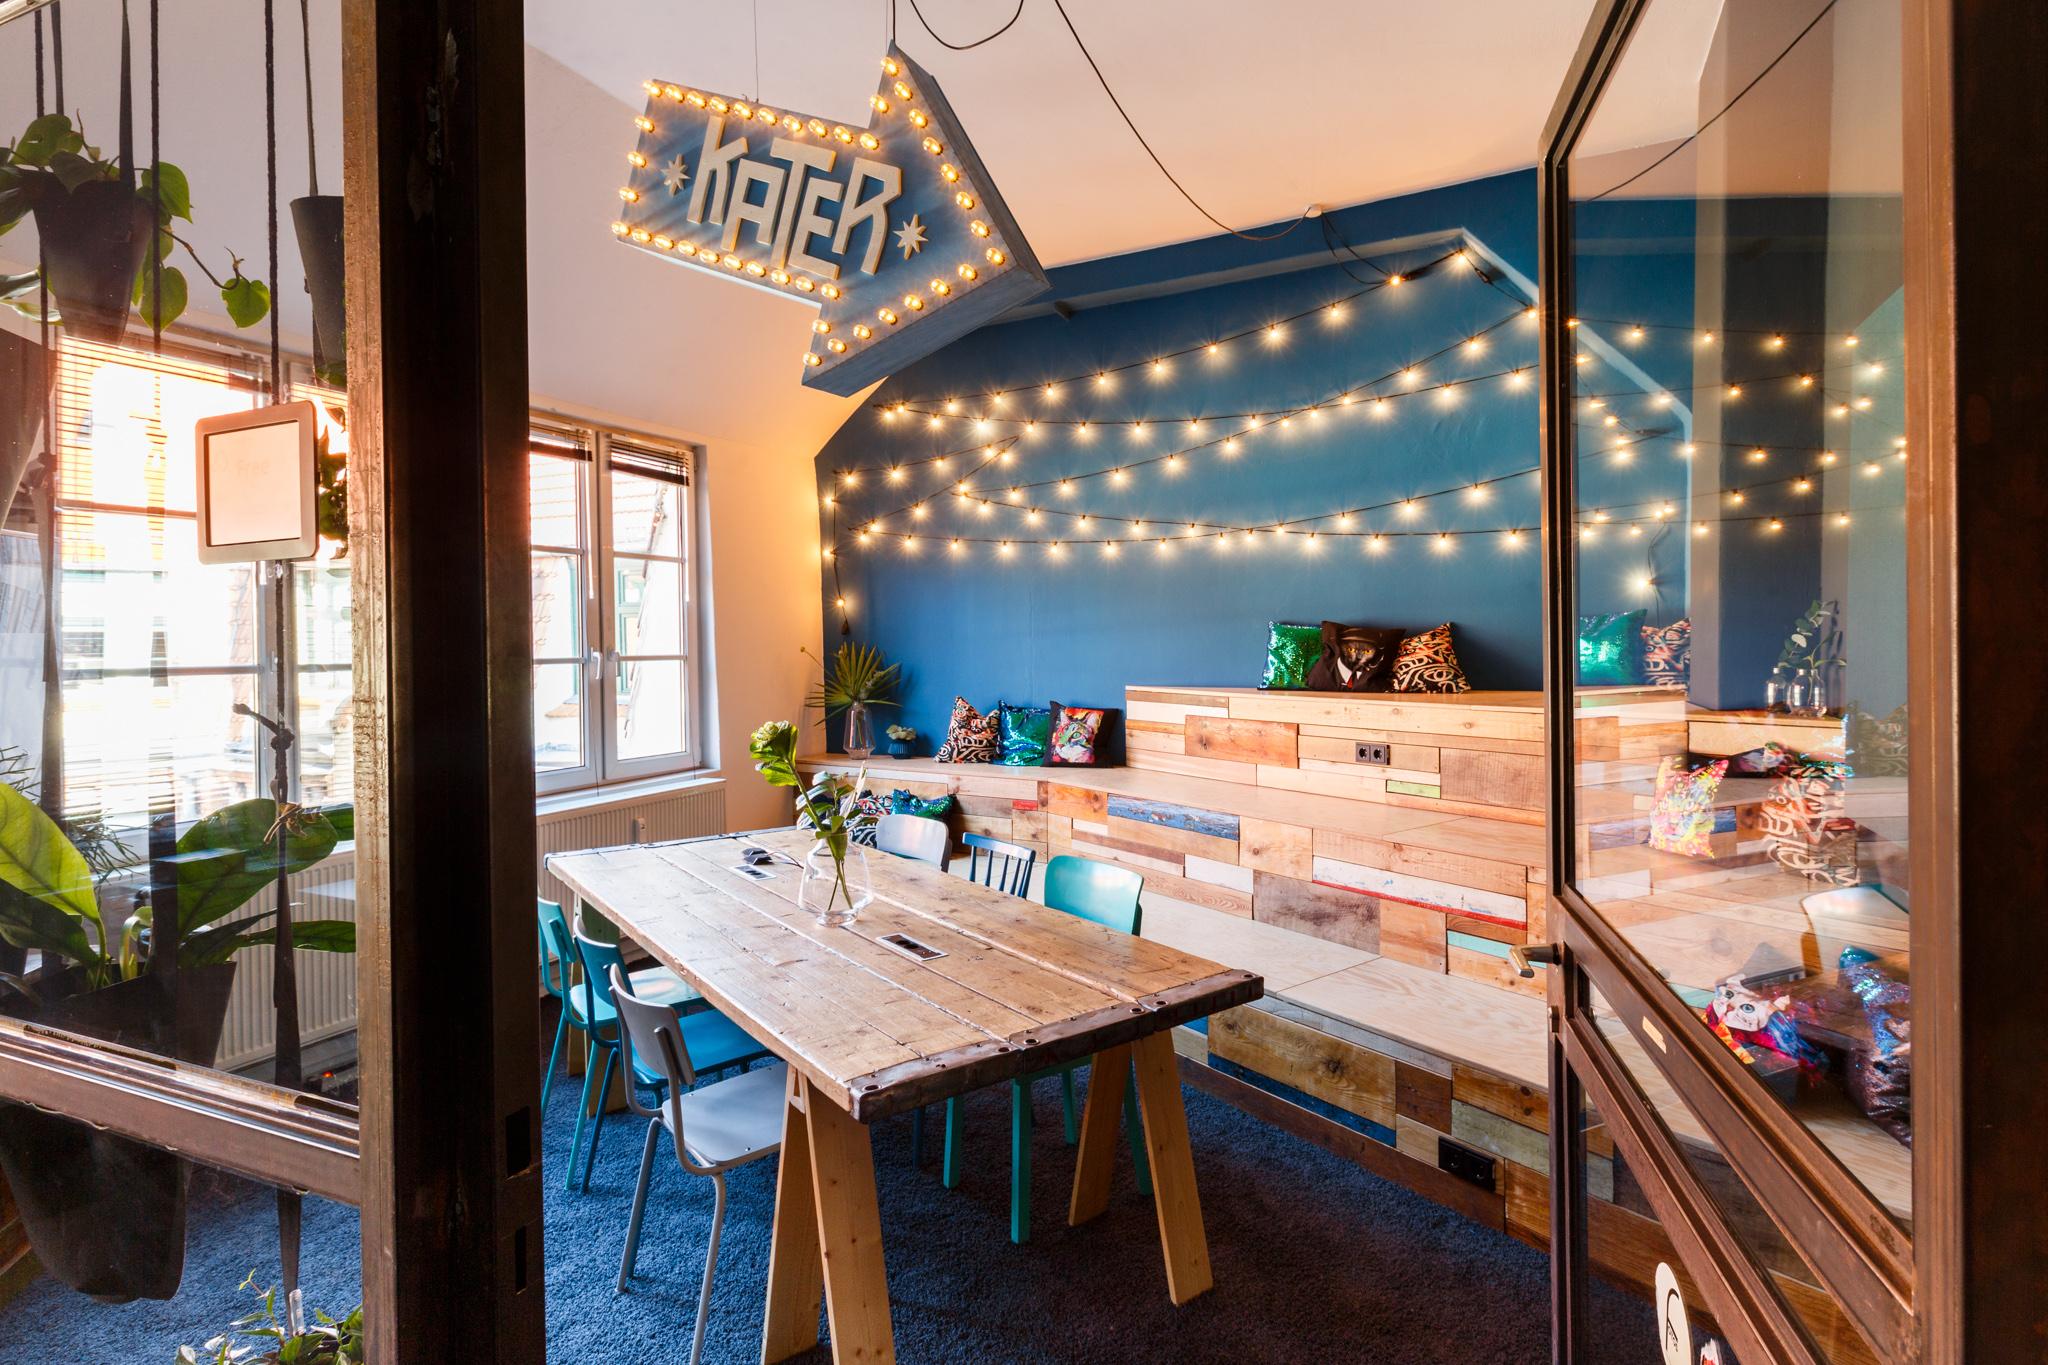 Kater Blau @Peak Ace   OFFICE DESIGN I CONFERENCE ROOM